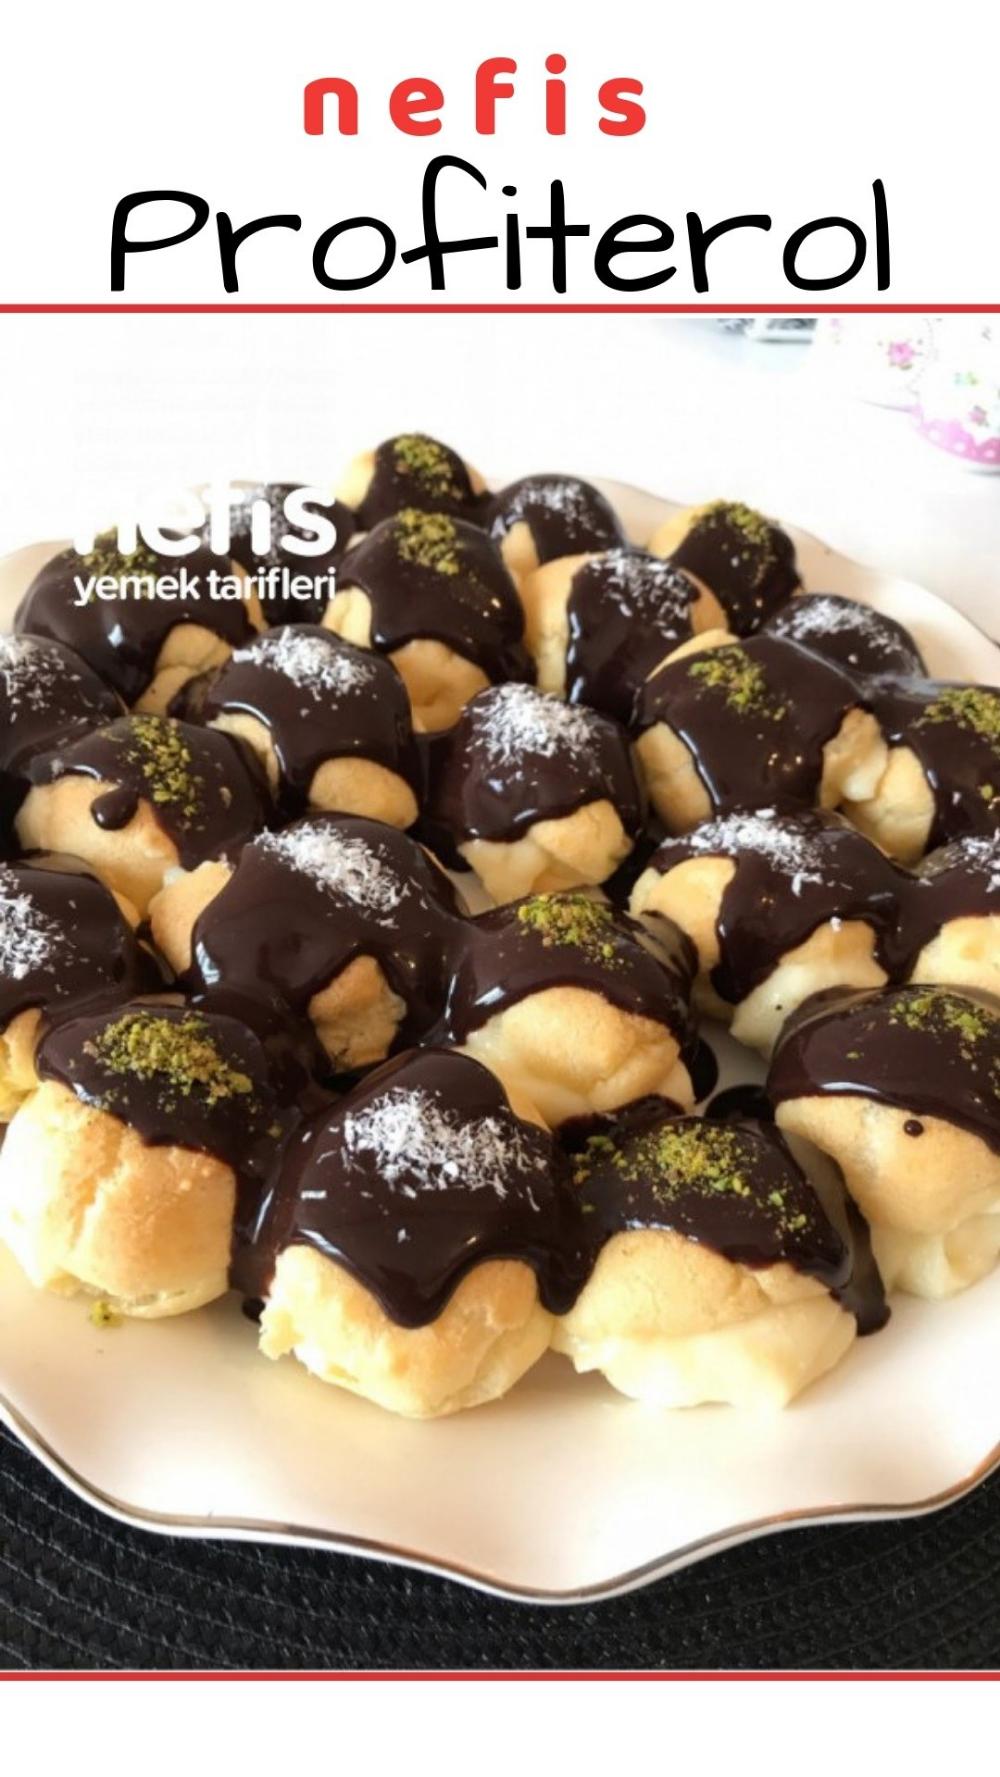 Profiterol Tarifi nasıl yapılır 739 kişinin defterindeki Profiterol Tarifinin resimli anlatımı ve deneyenlerin fotoğrafları burada Yazar Hilal Desserts Profiterol  Nefis...